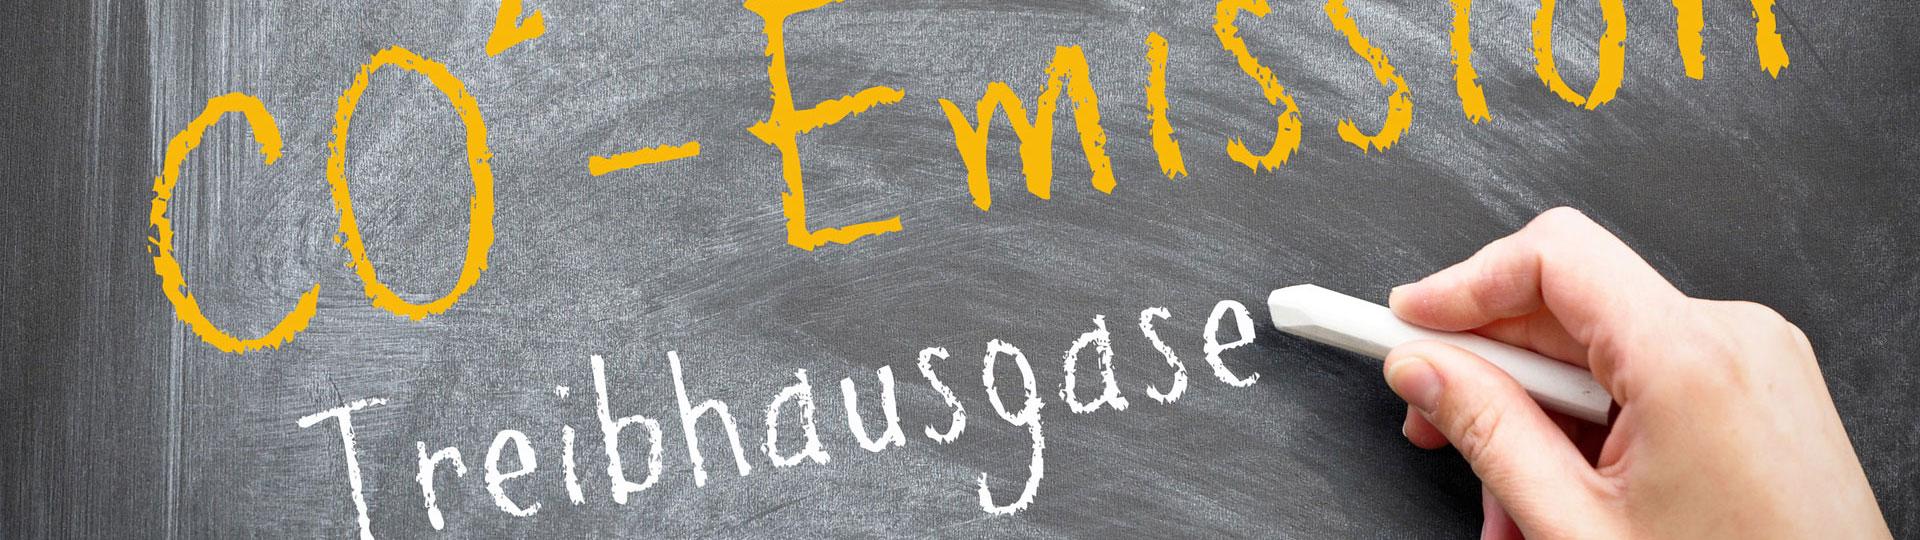 energie-und-umwelttechnik-leasen-hamburg